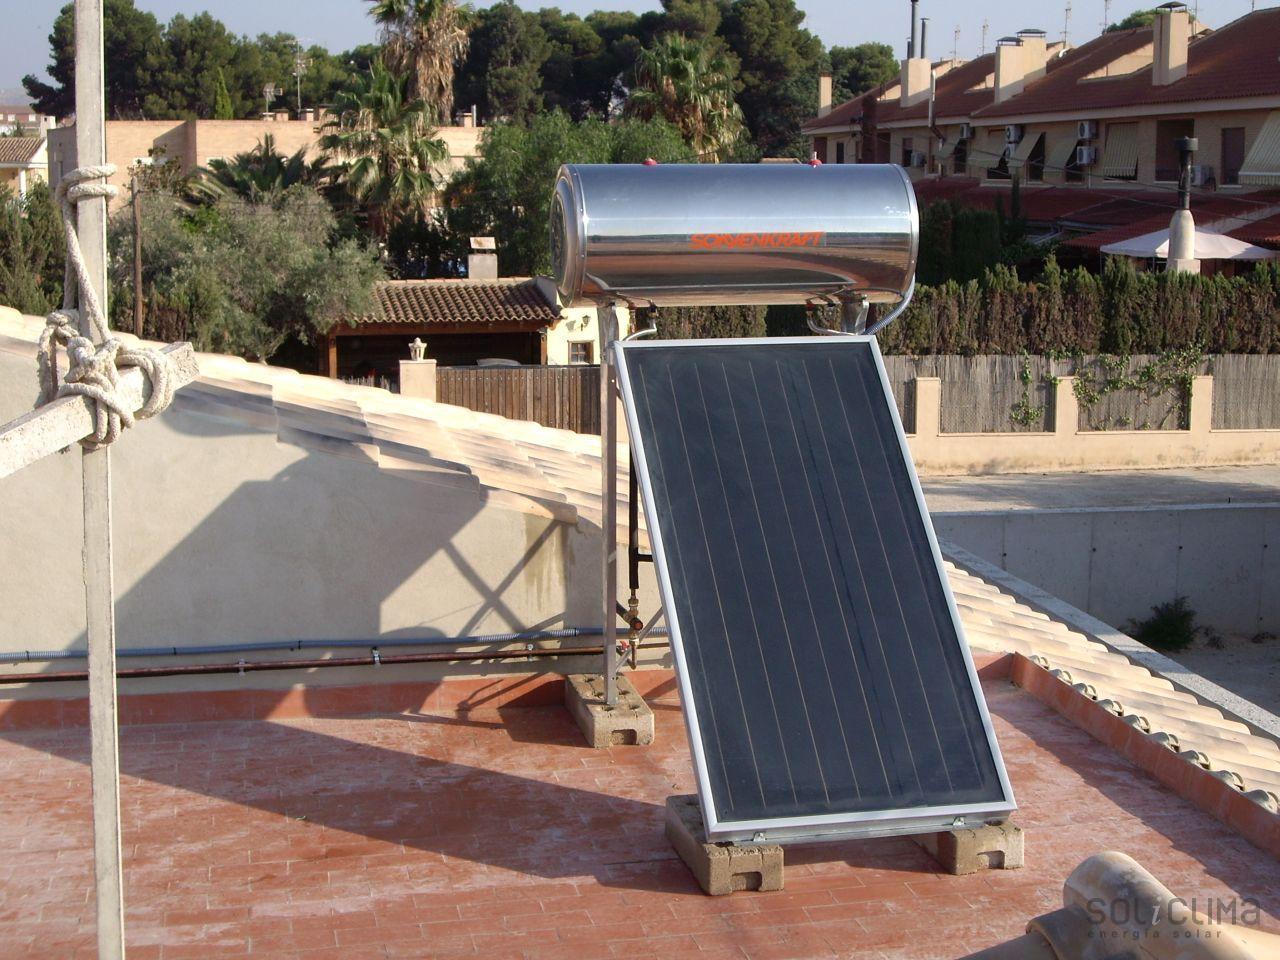 Energ a solar en petrer - Agua caliente solar ...